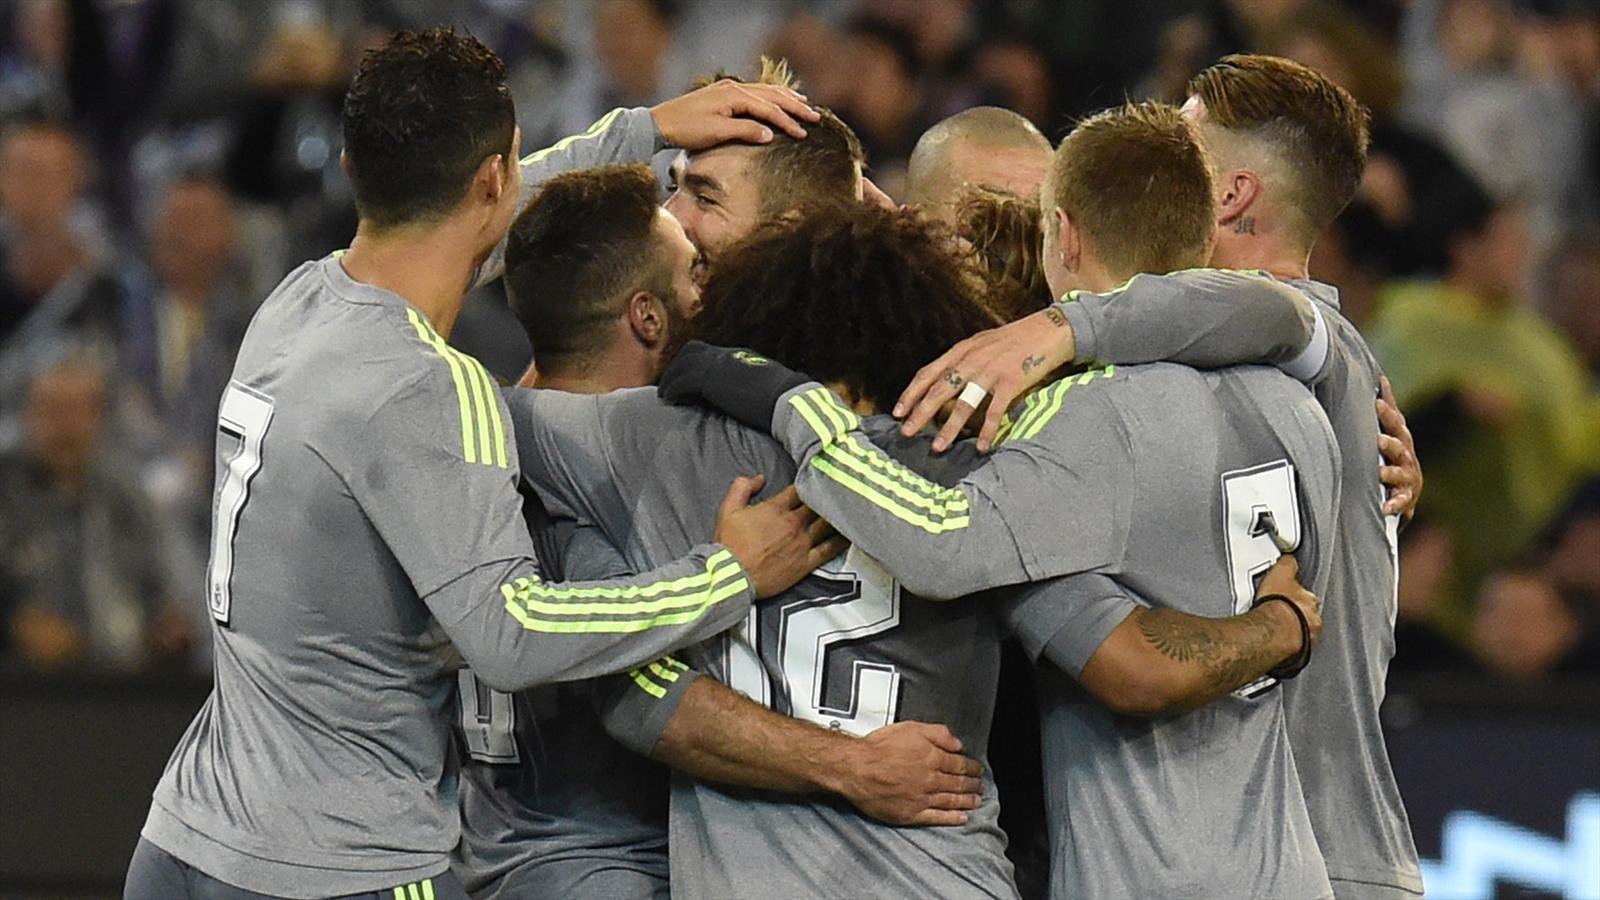 Hazırlık maçı: Manchester City 1-4 Real Madrid (MAÇ ÖZETİ)